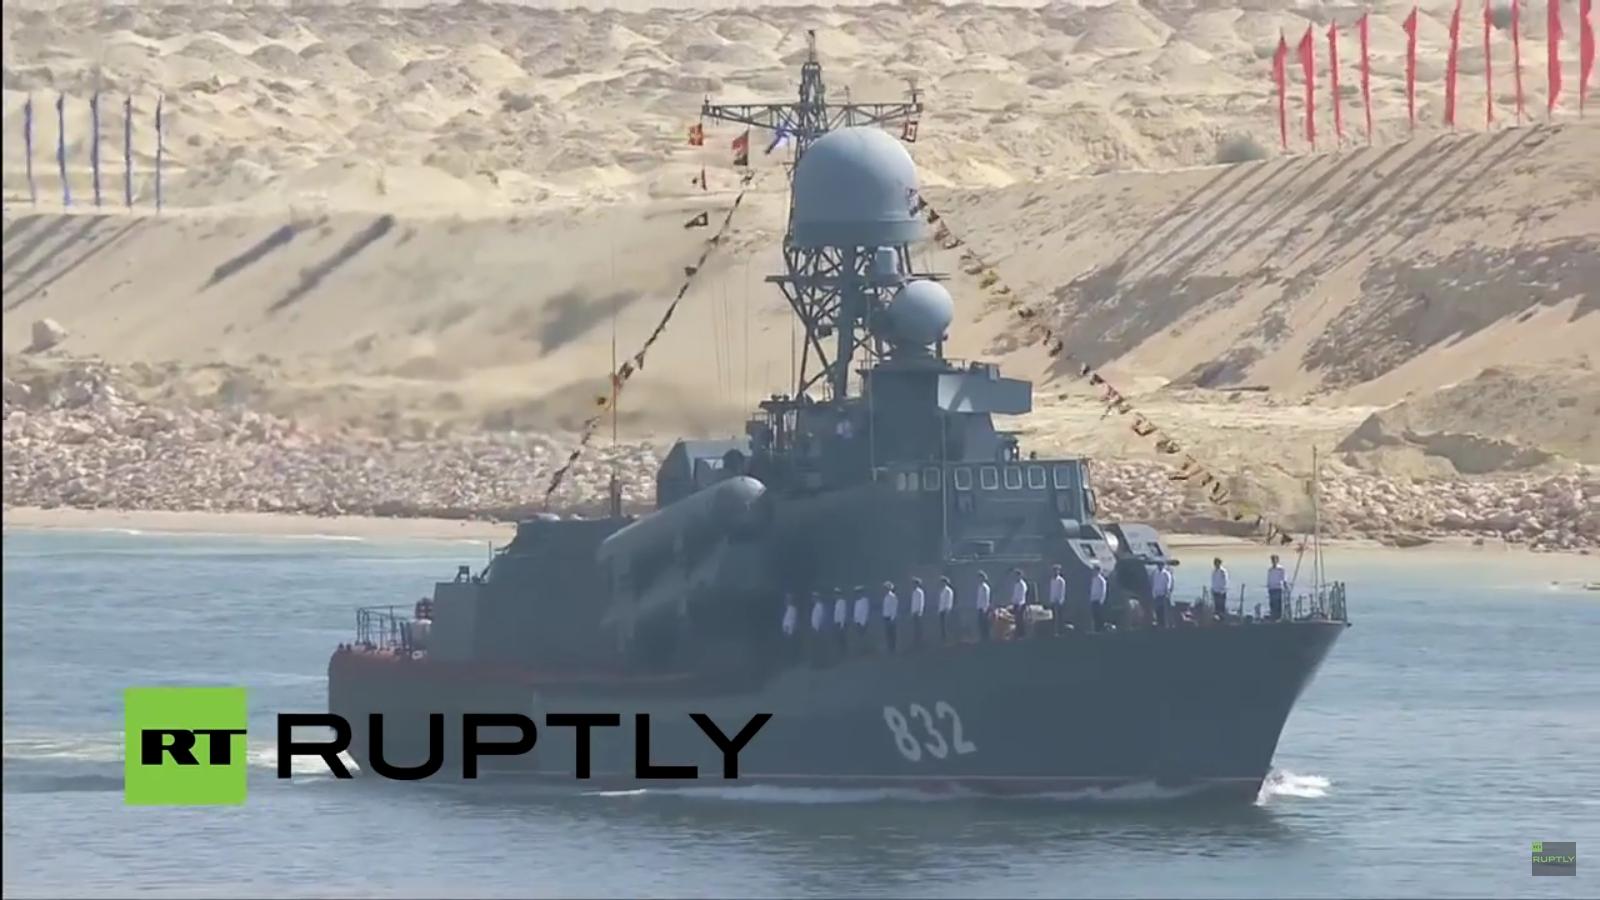 زوارق الصواريخ من الاتحاد السوفيتي وحتي روسيا الاتحادية 2336198_original